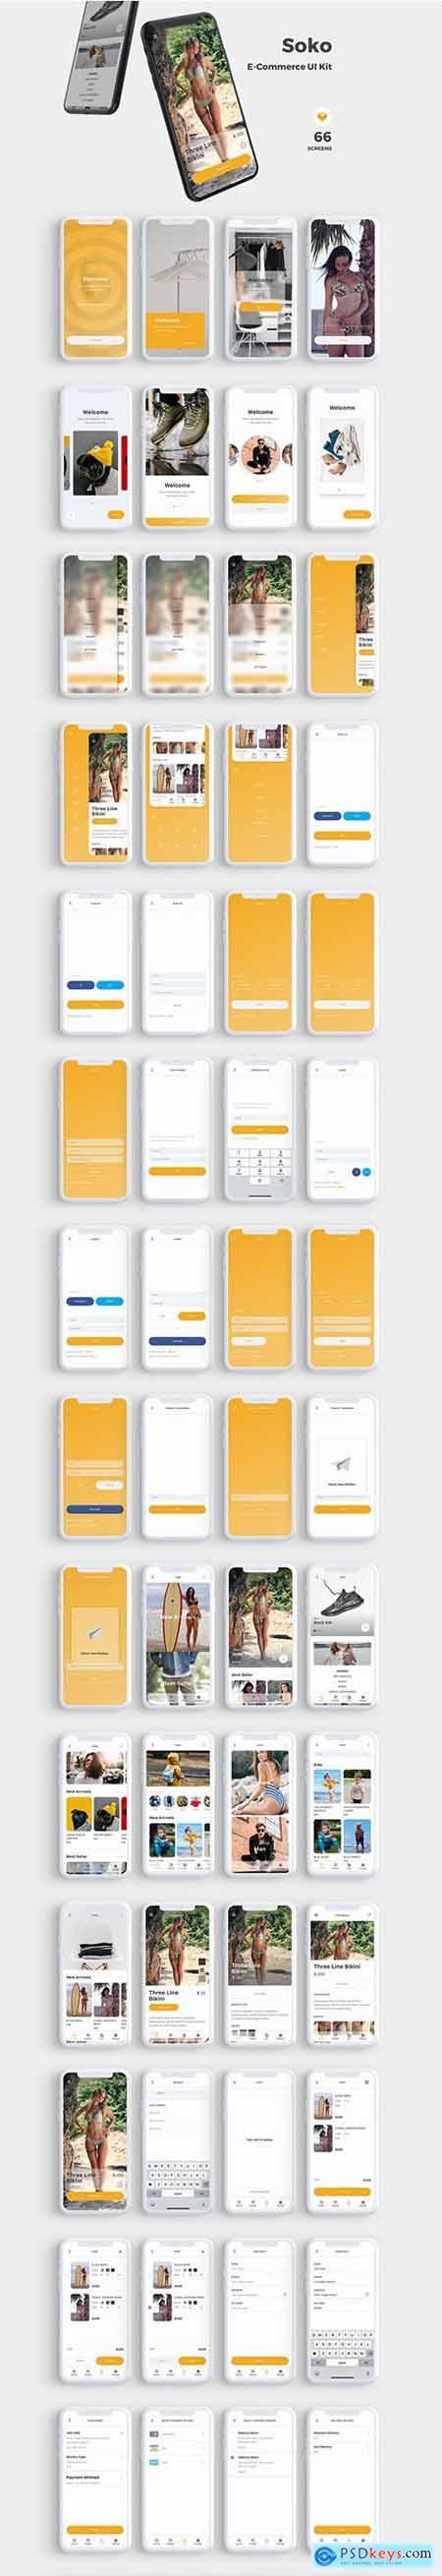 Soko E-Commerce UI Kit